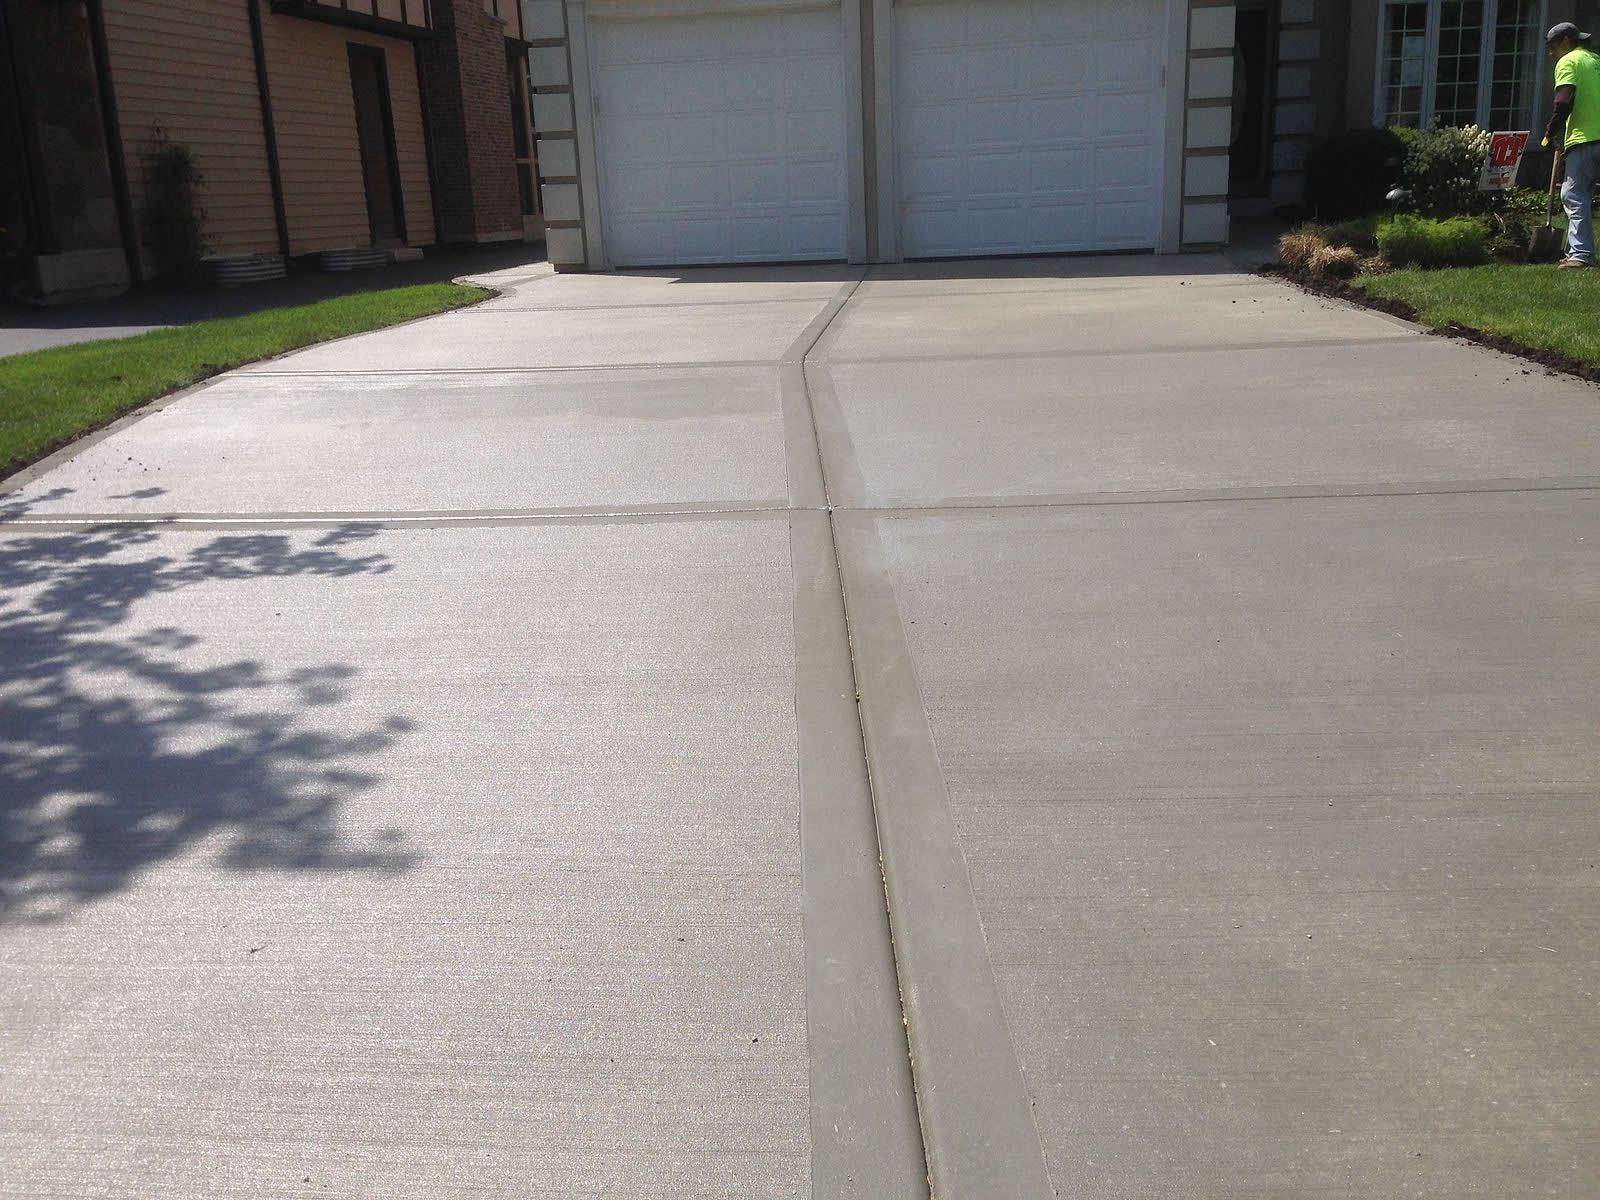 Concrete Driveway in Hutto